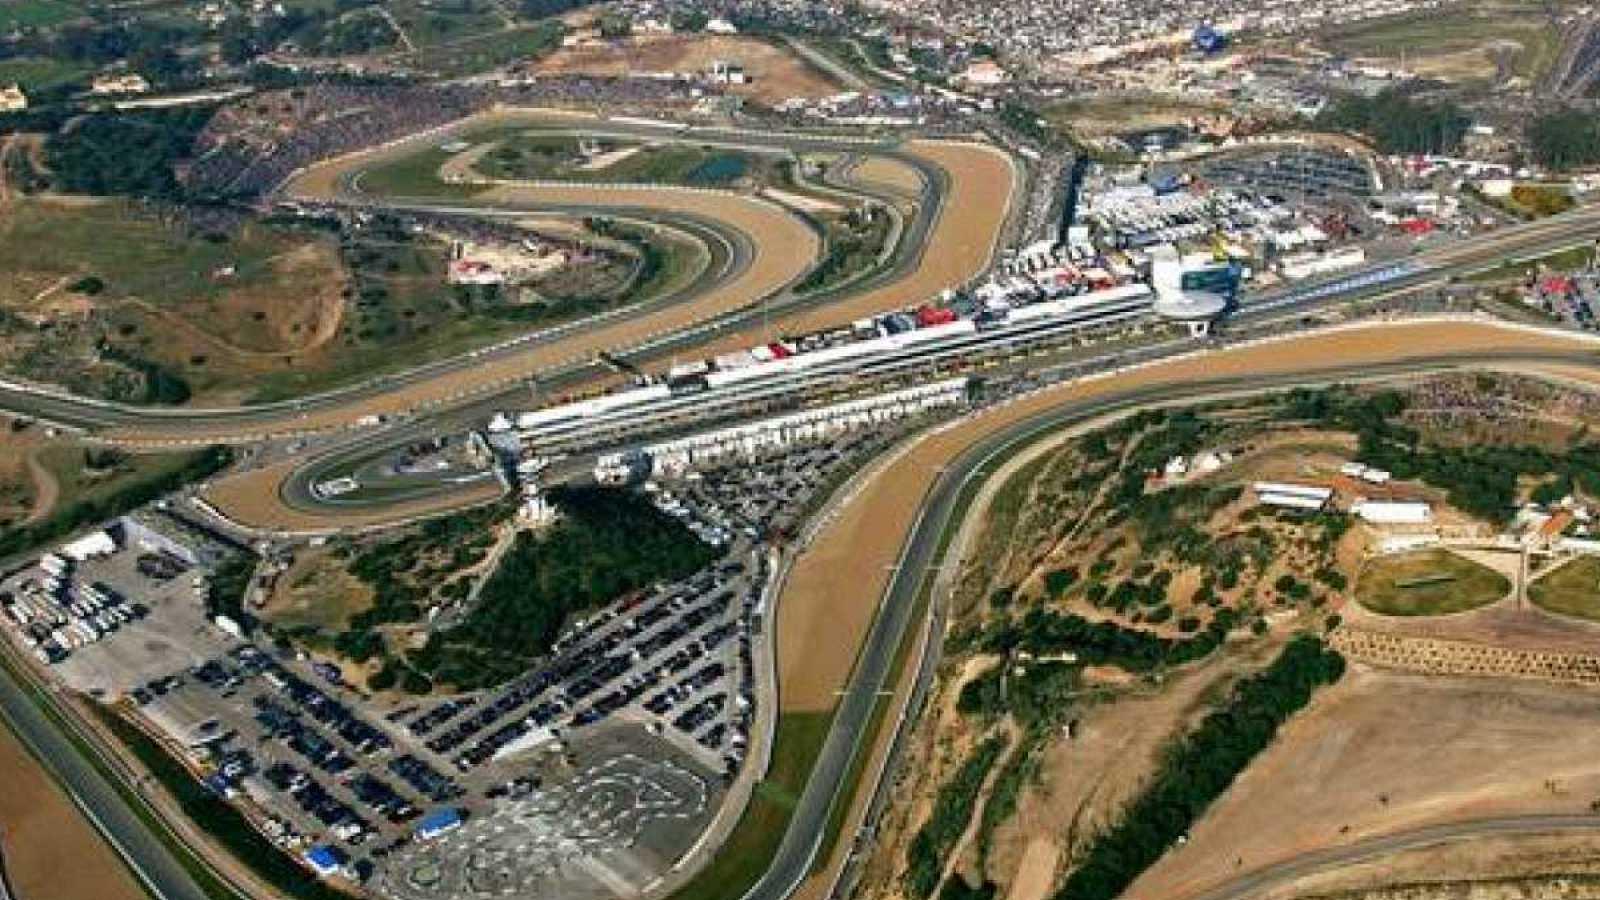 Imagen: El circuito de Jerez acogería los dos primeros Grandes Premios de la temporada